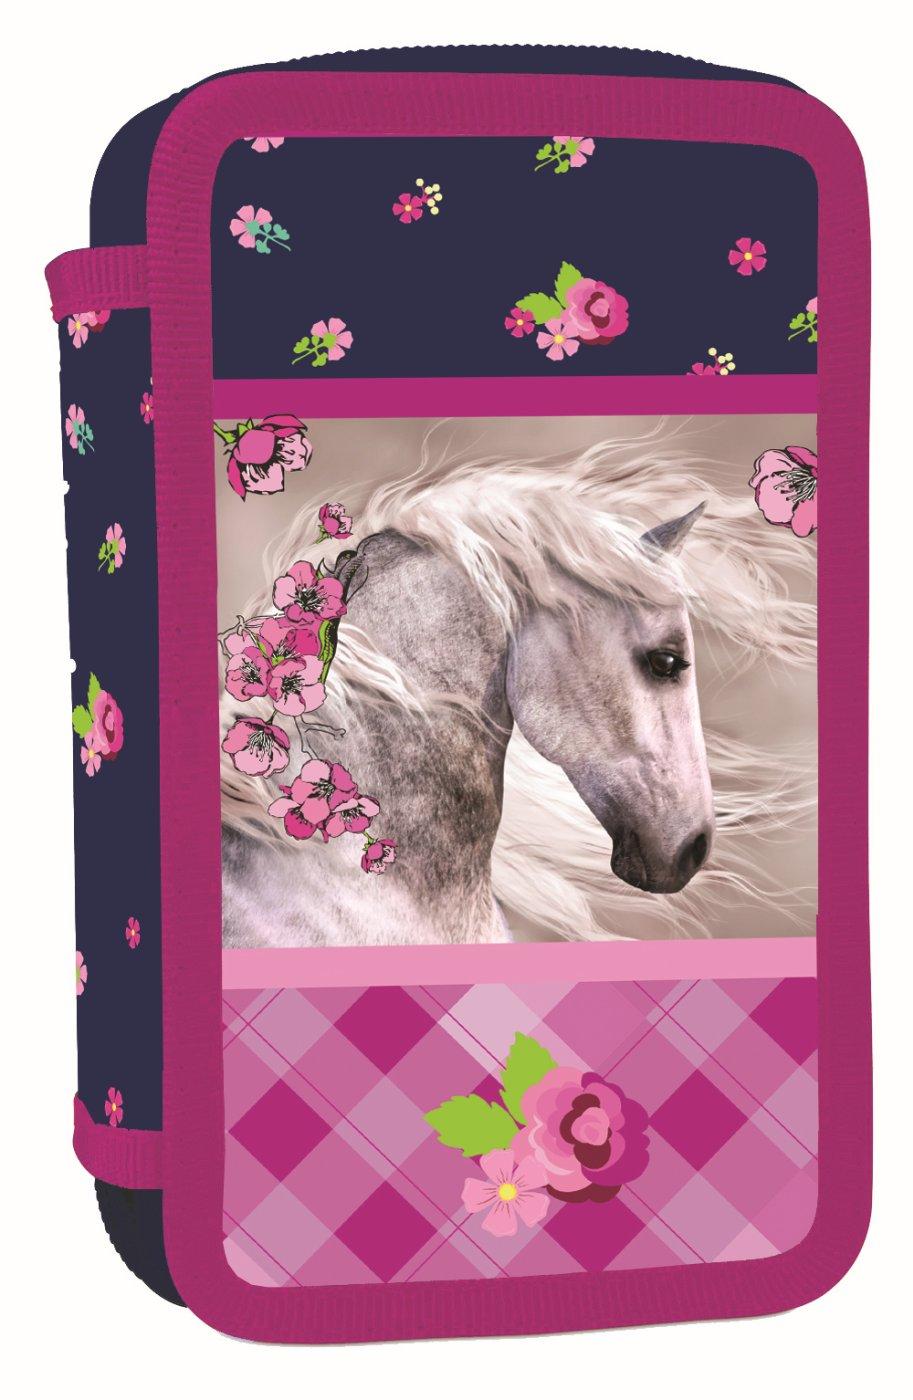 ... Školní potřeby · PENÁLY NENAPLNĚNÉ · Trojpatrové · Penál 3 p. prázdný  kůň Bez licence · Image 8600af112c